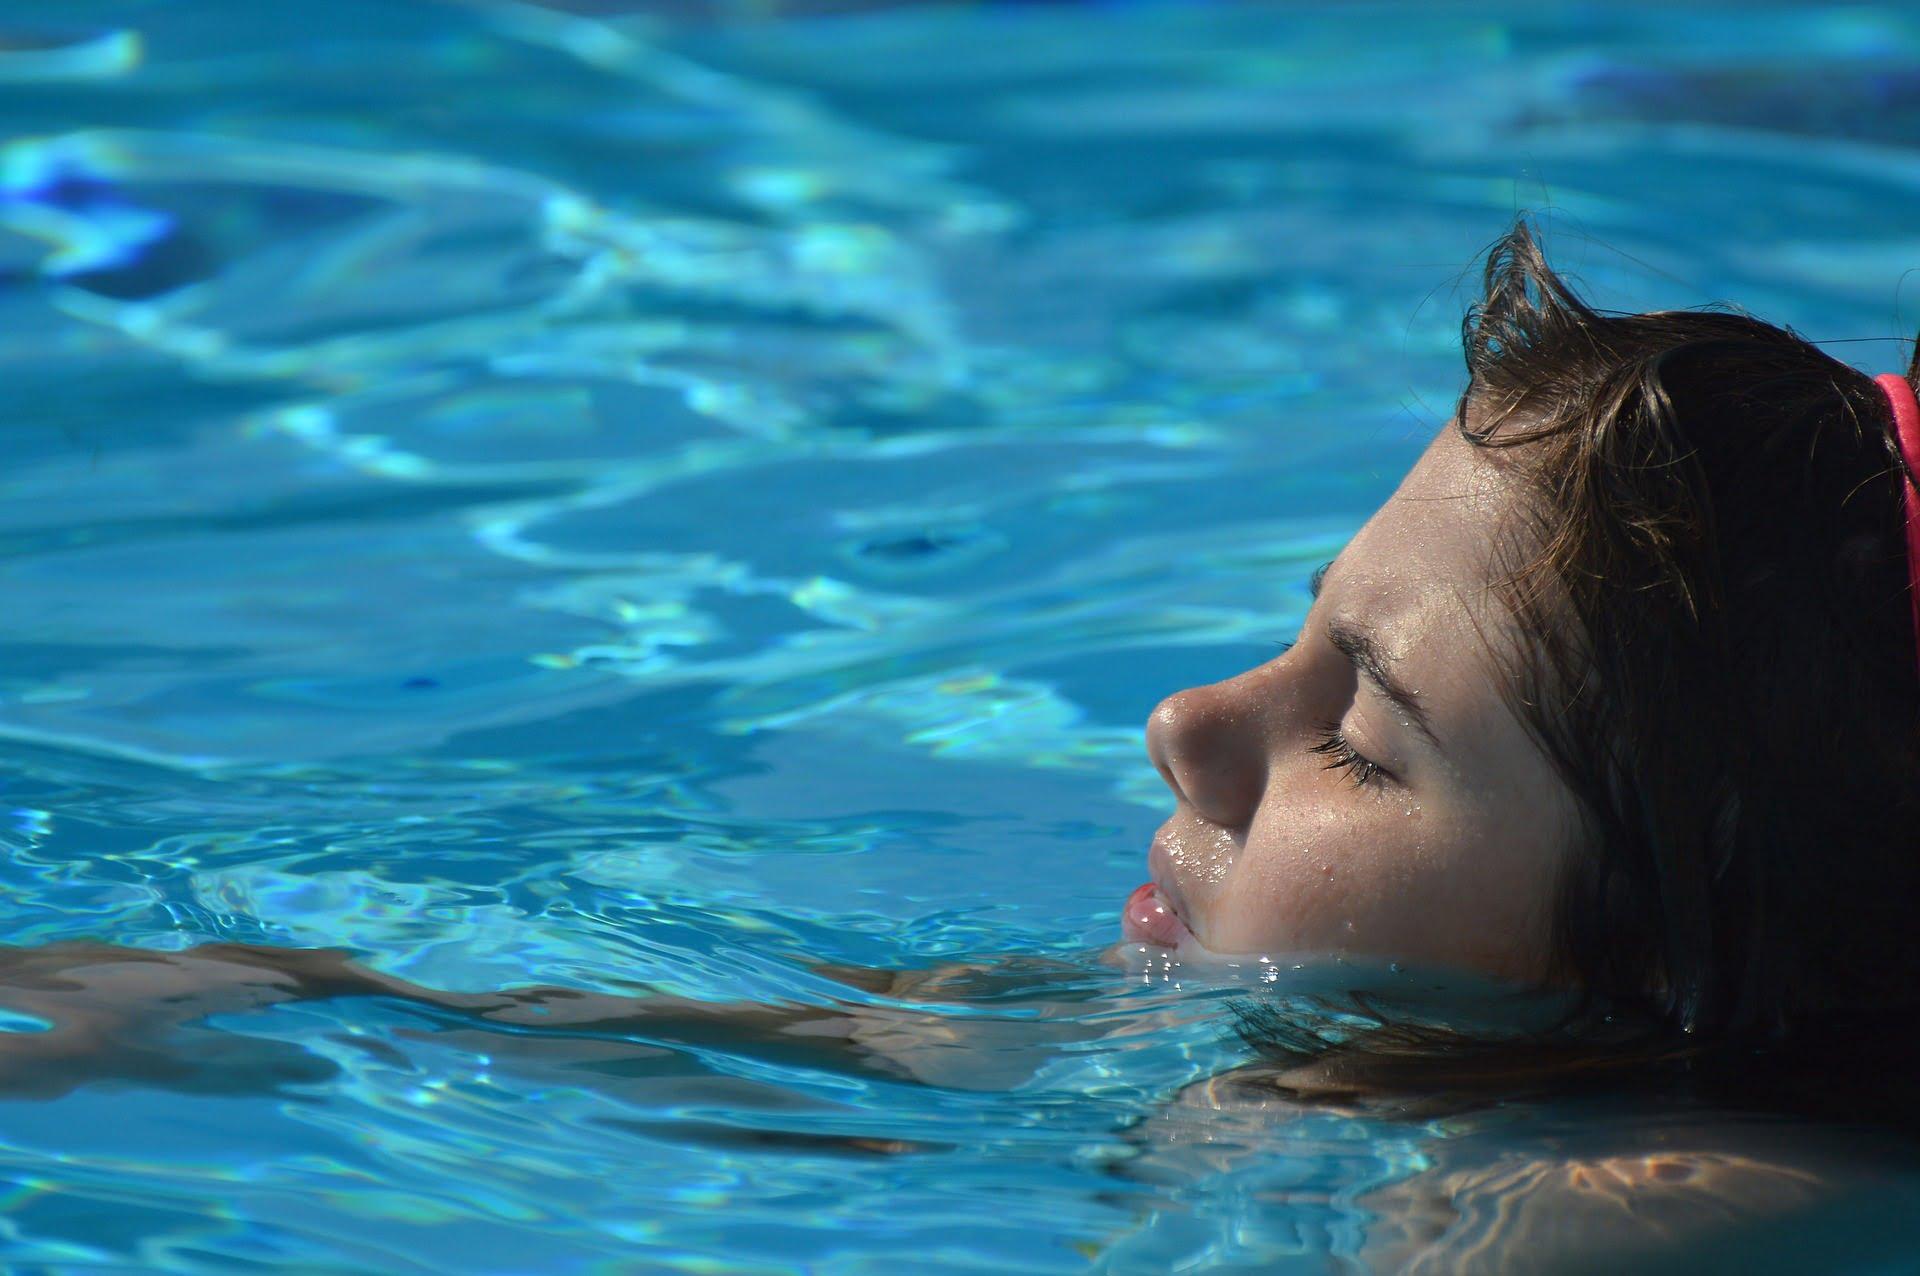 Deși beneficiile lui sunt demonstrate – în principal diminuarea durerilor comune din această perioadă – o gravidă la piscină poate fi expusa și unor pericole.